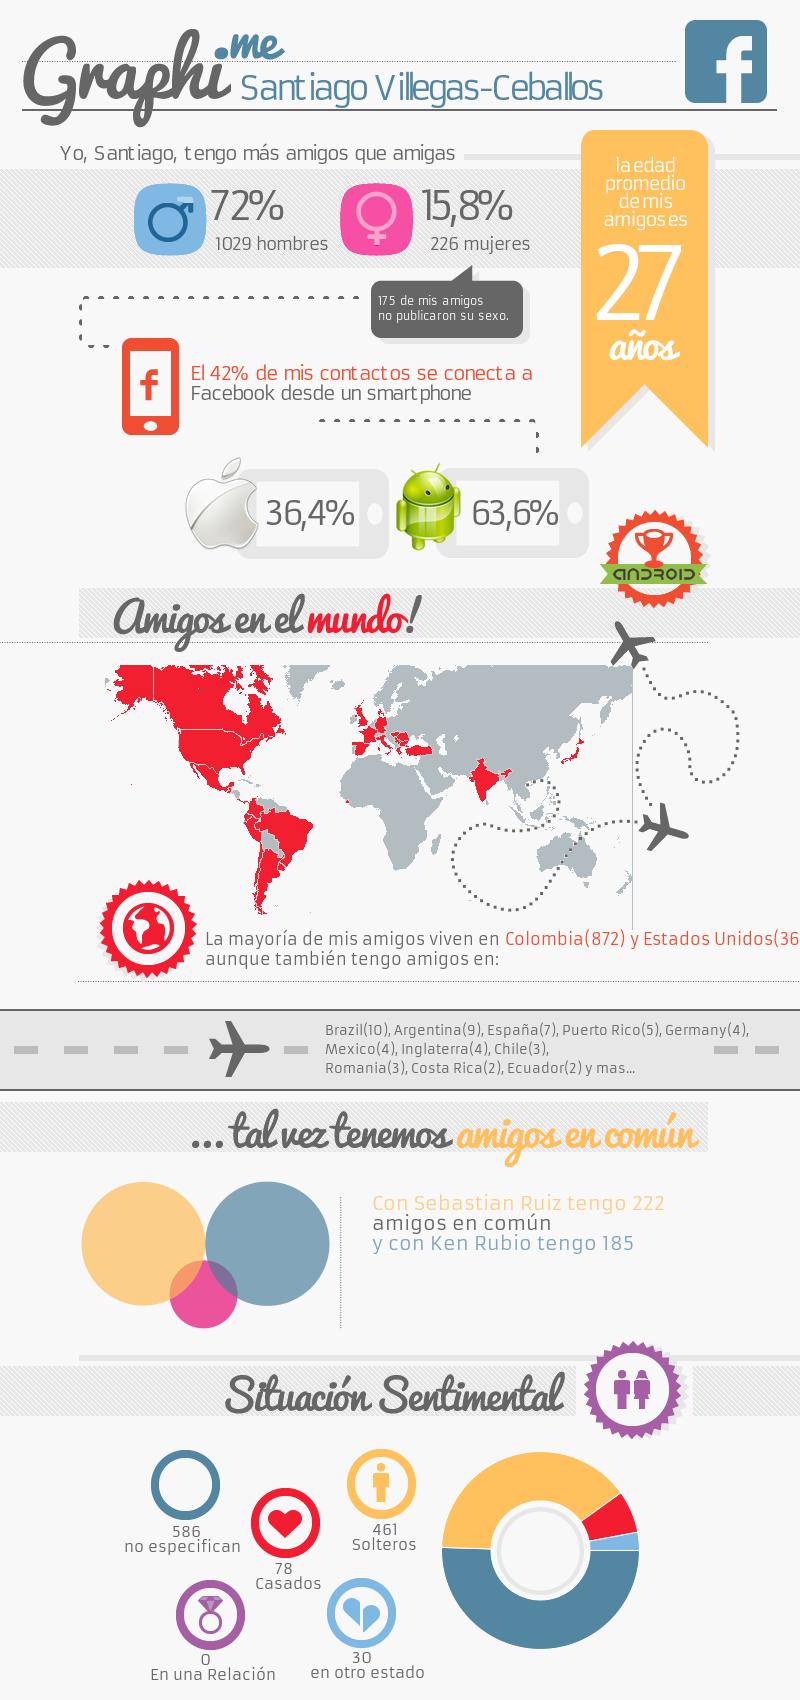 Graphi Me Santiago Villegas Ceballos Redes Sociales Facebook Infografia